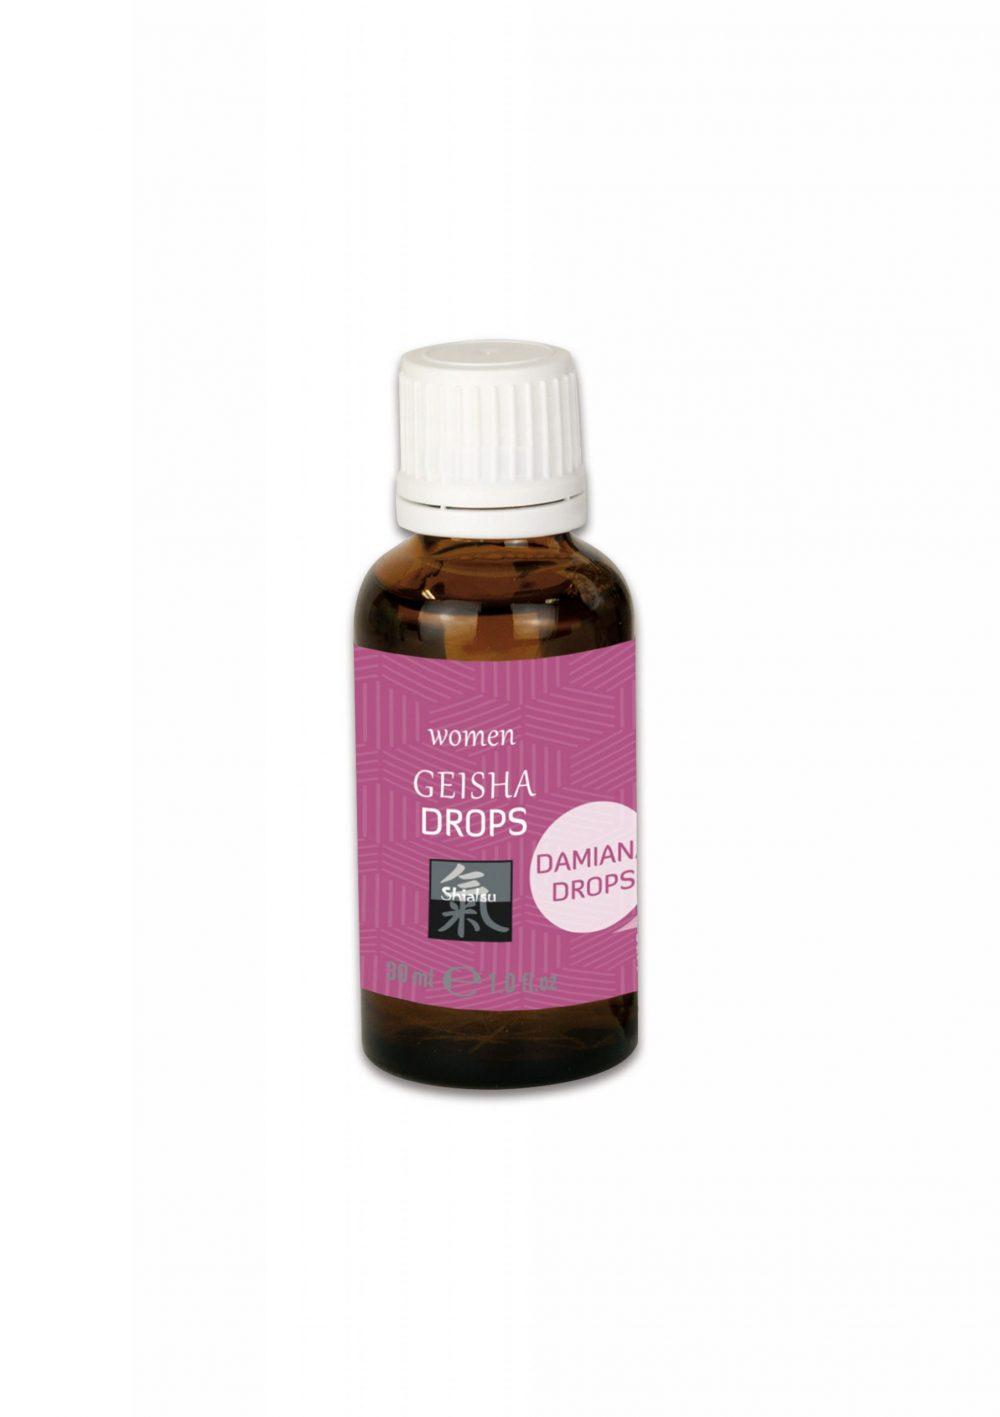 Geisha Drops - kapi za žene, 30 ml